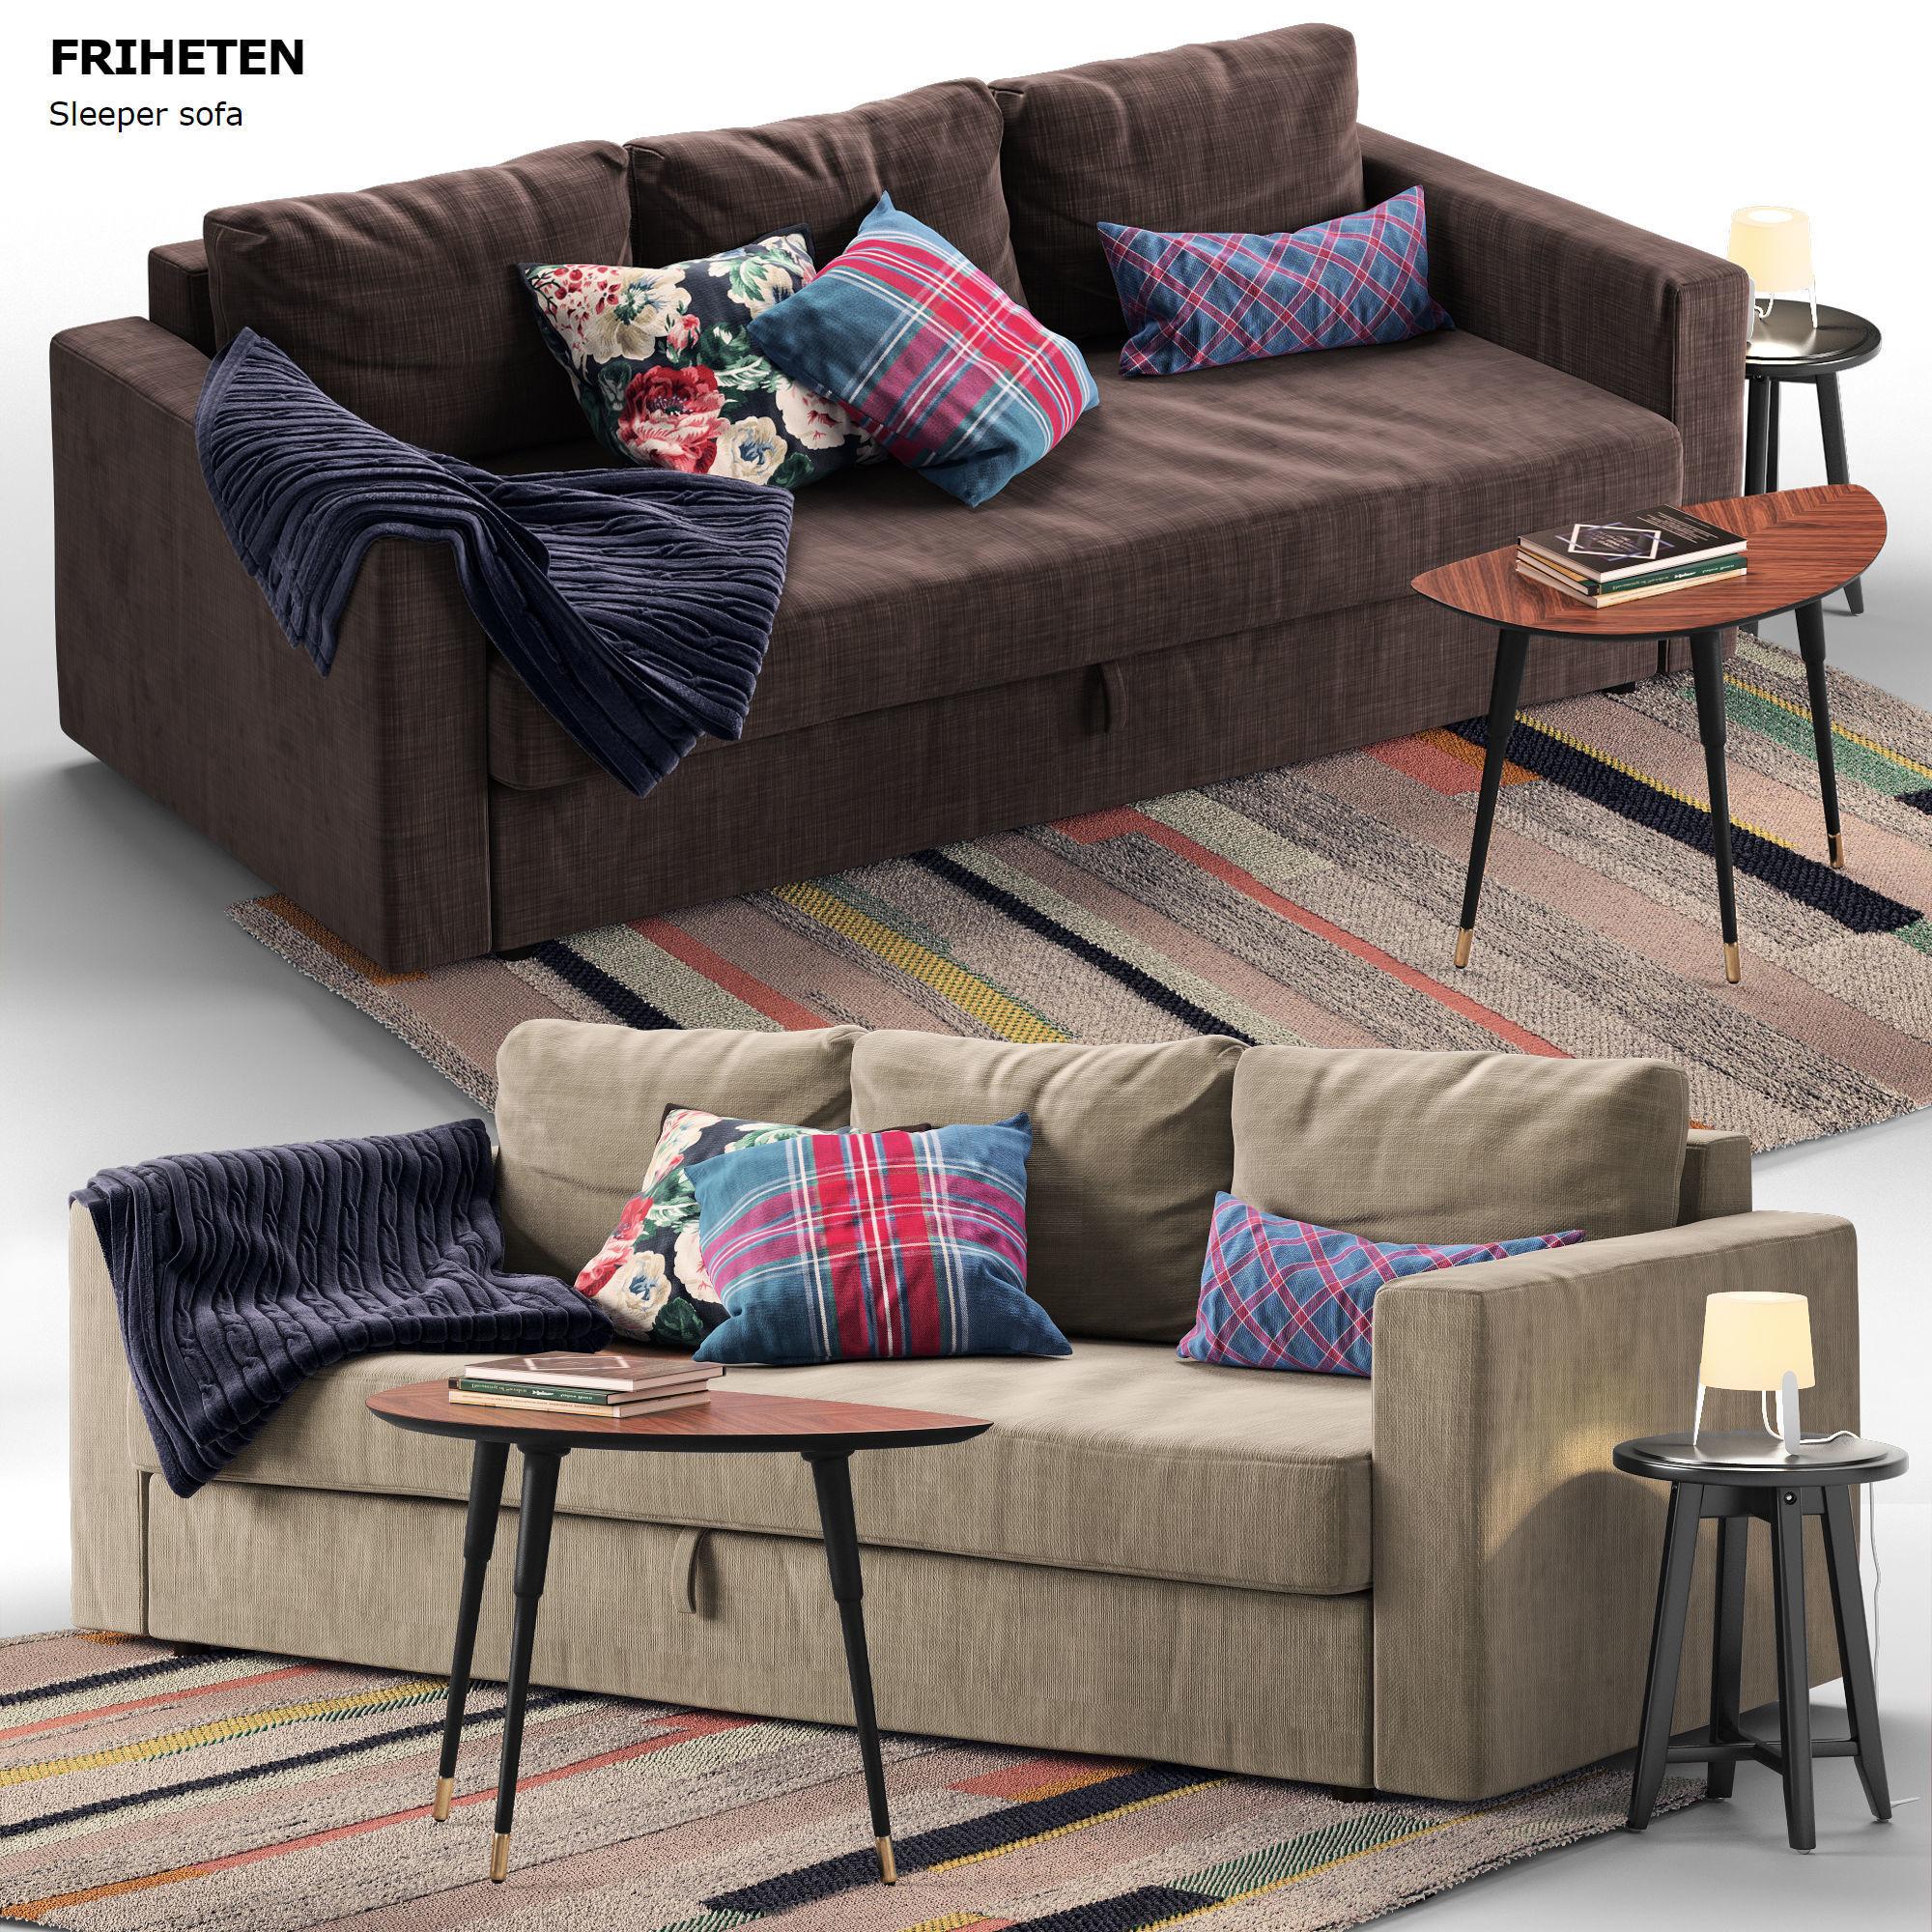 Sofa Friheten Ikea.Sofa Friheten Ikea 3d Model